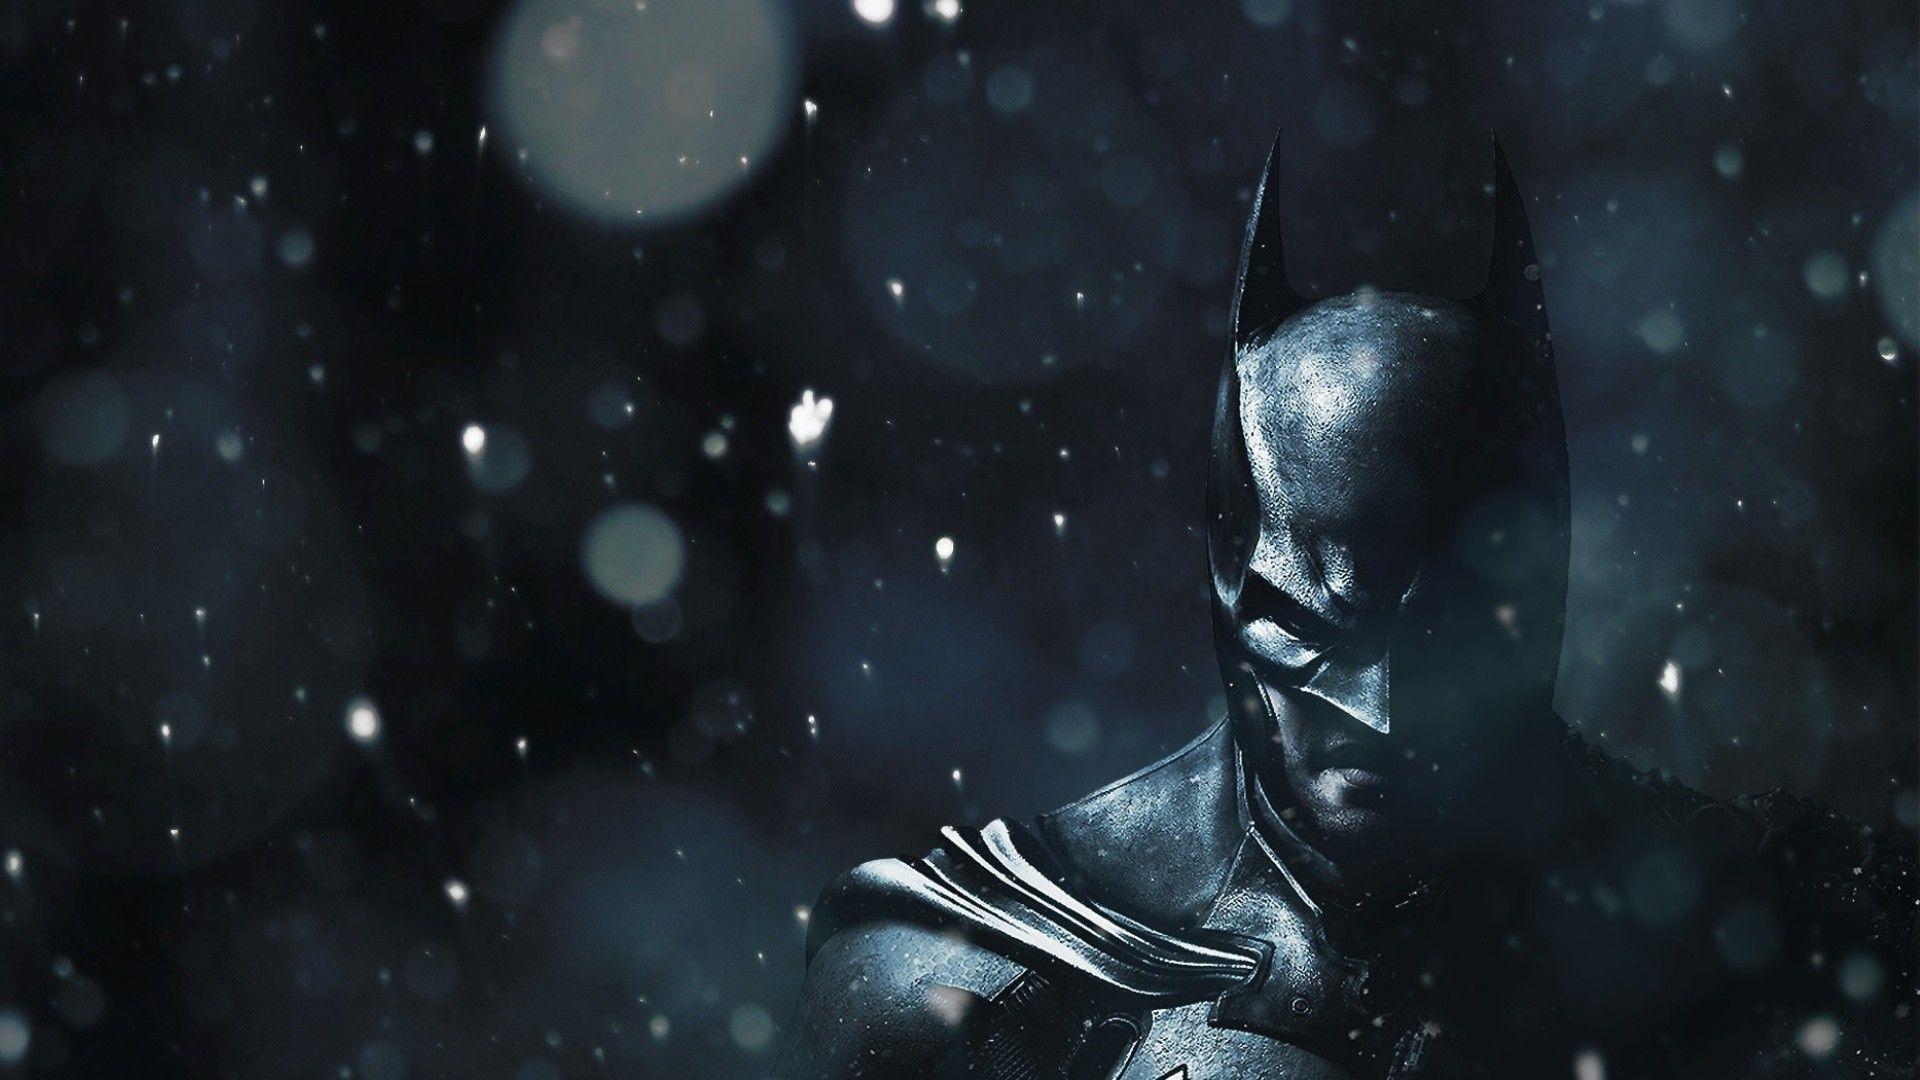 … cool batman wallpapers hdwallpaper20 com …